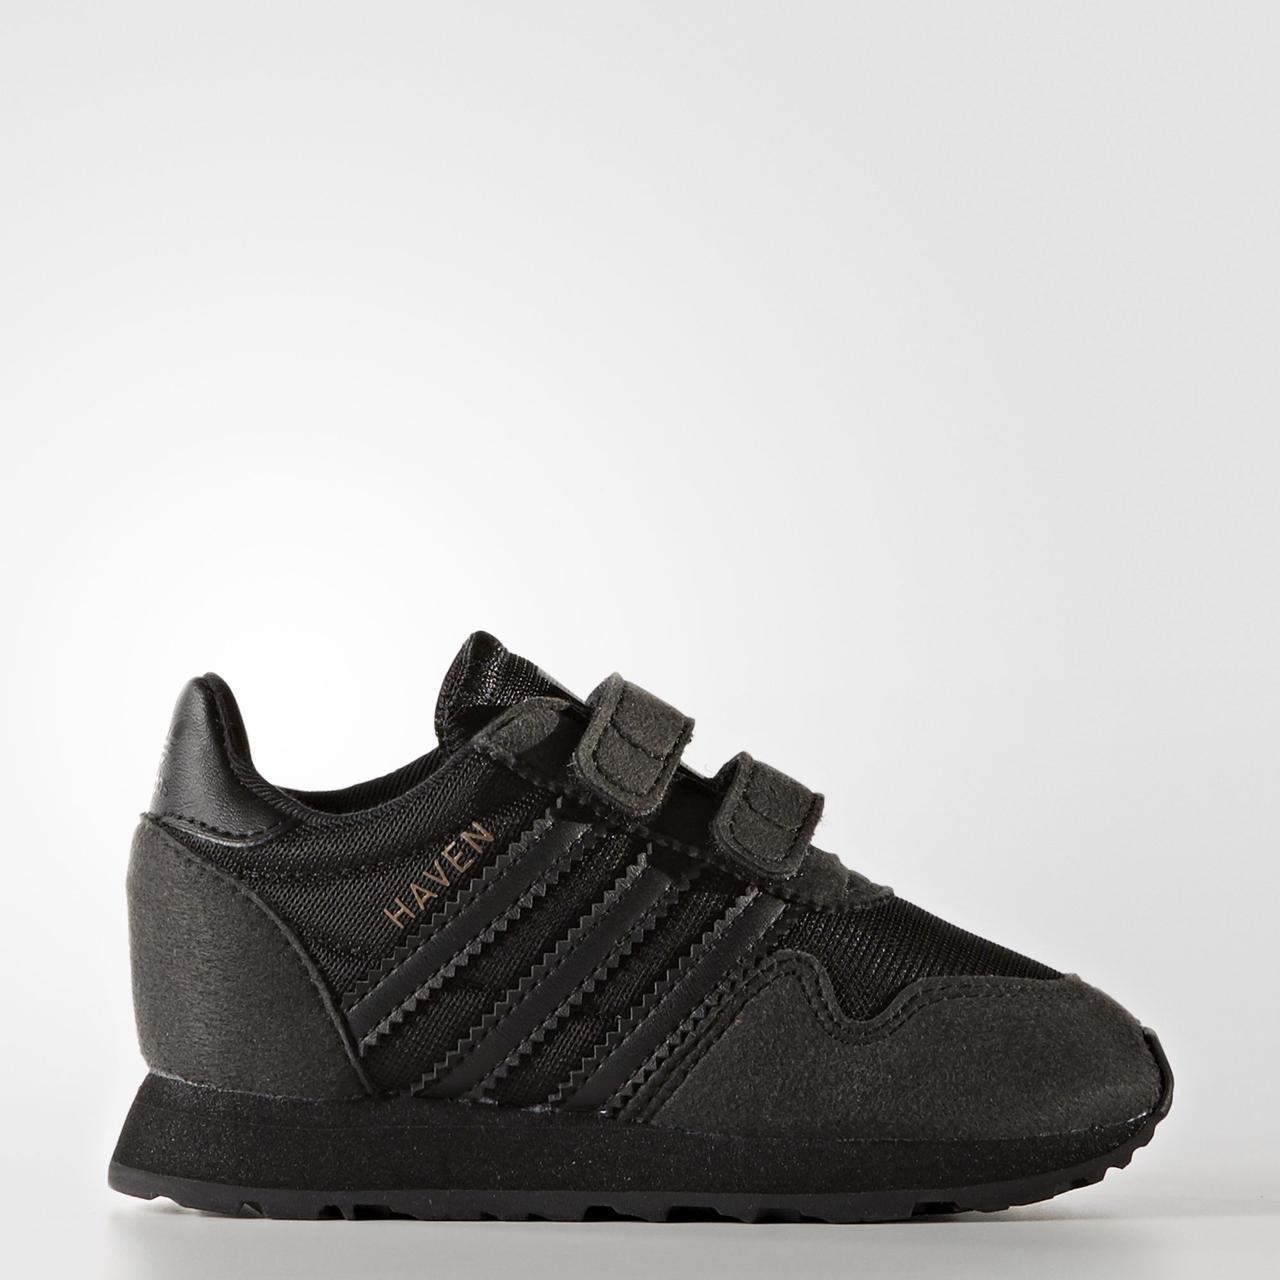 a7c30b15 Детские кроссовки Adidas Originals Haven (Артикул: CQ1697) -  Интернет-магазин «Эксперт